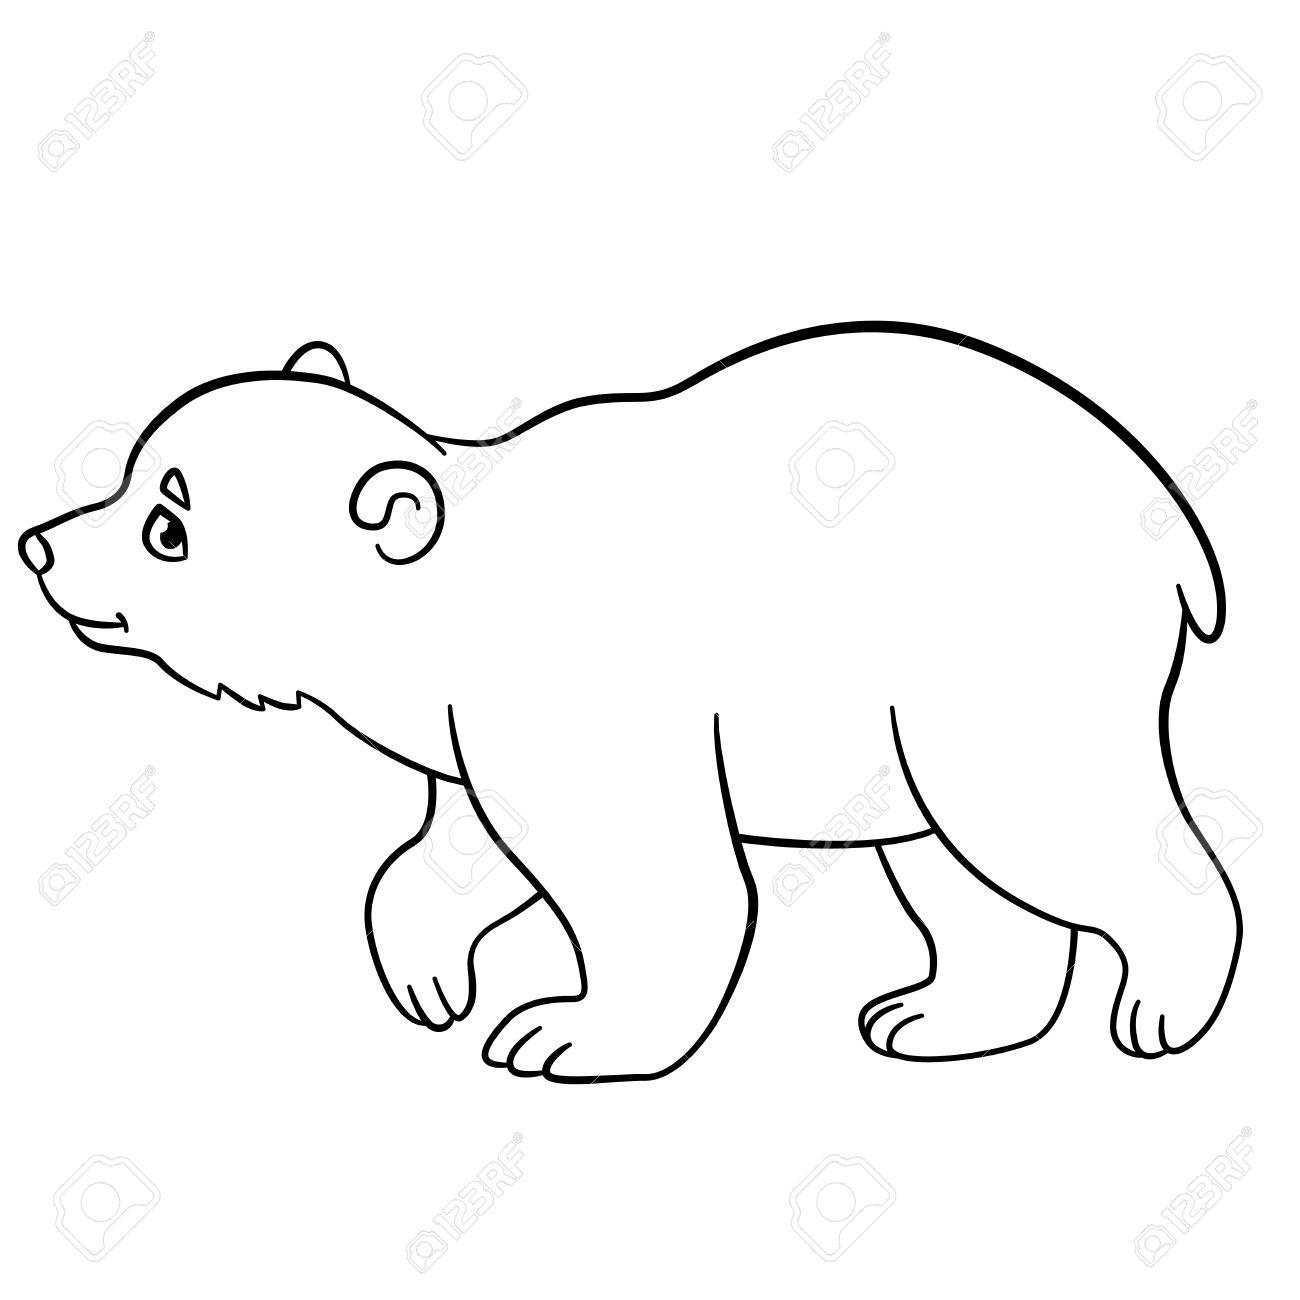 Páginas Para Colorear. El Pequeño Oso Polar Lindo Bebé Camina Y ...